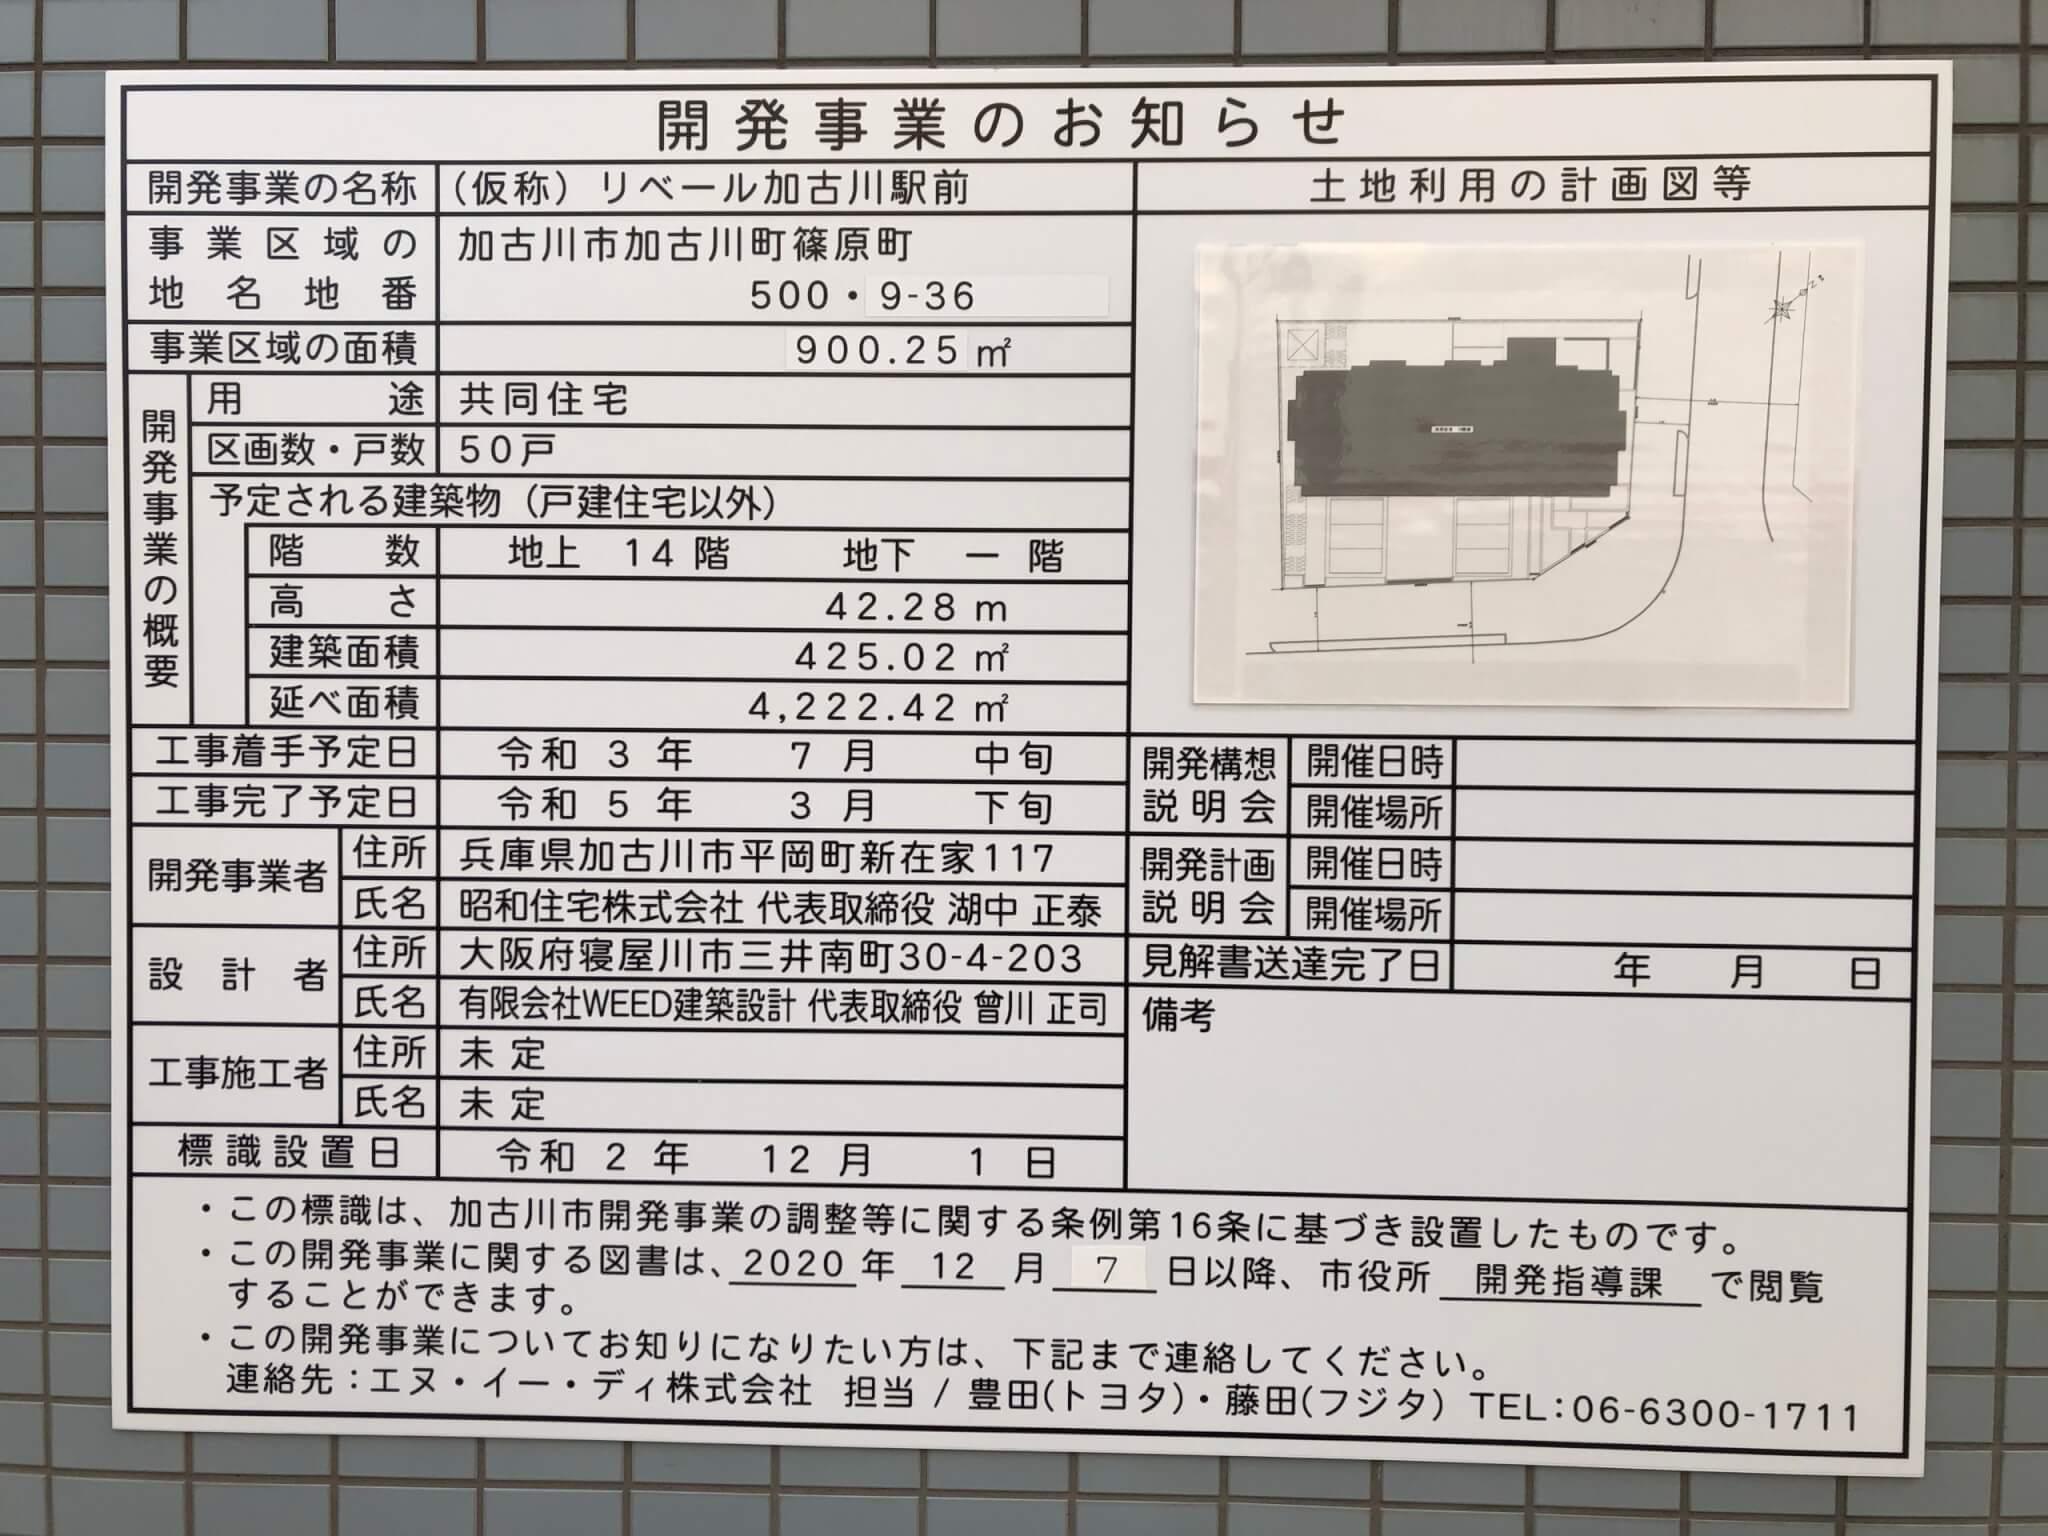 (仮称)リベール加古川駅前の開発事業のお知らせ